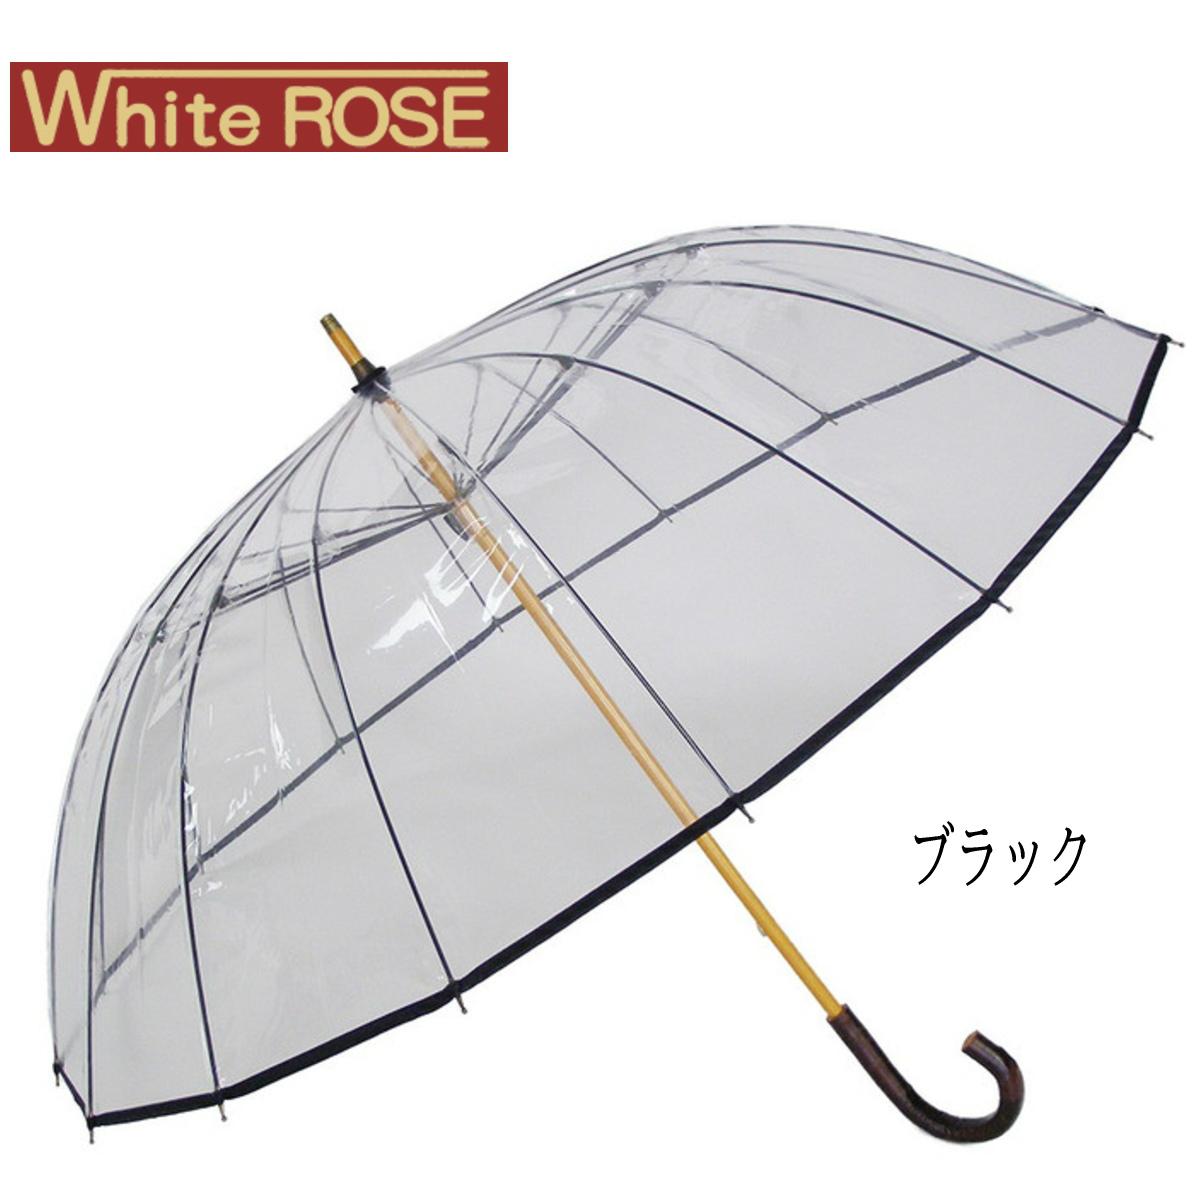 ホワイトローズ かてーる16桜 透明ビニール傘 16本骨 直径108cm 収納袋付き 日本製 (ブラック)